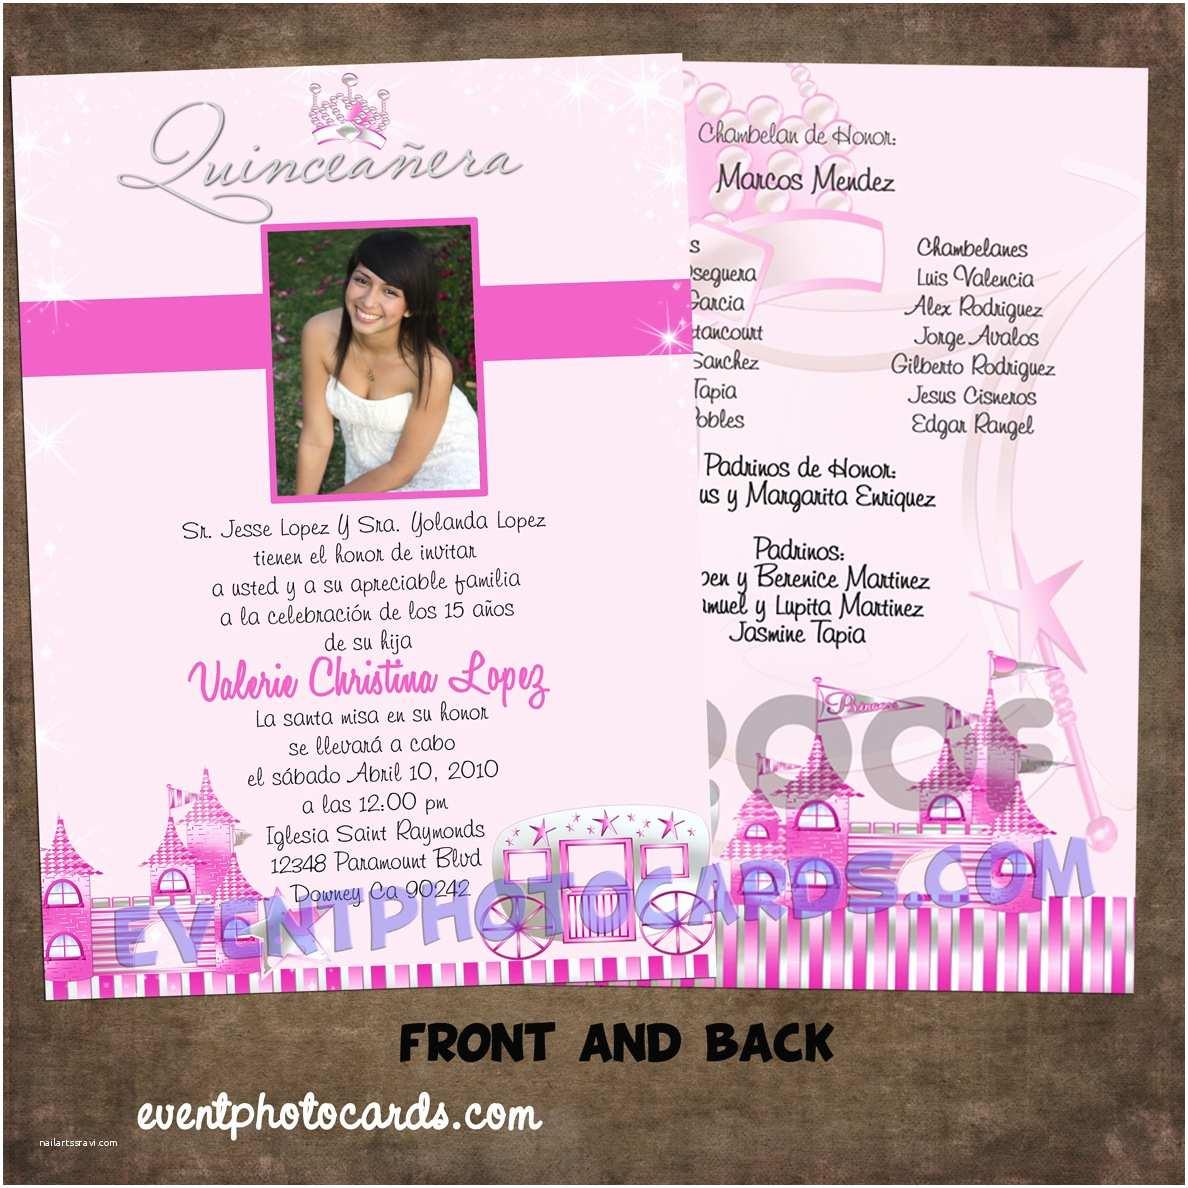 Quinceanera Invitations Templates event Cards